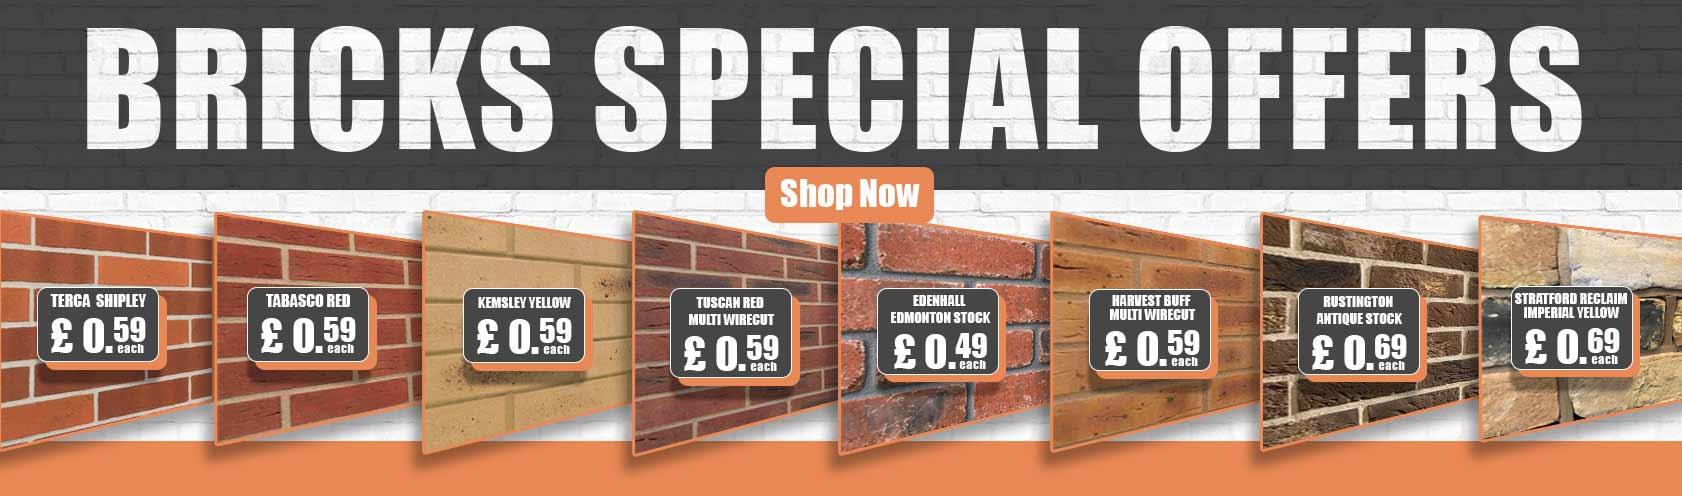 Bricks Special Offers